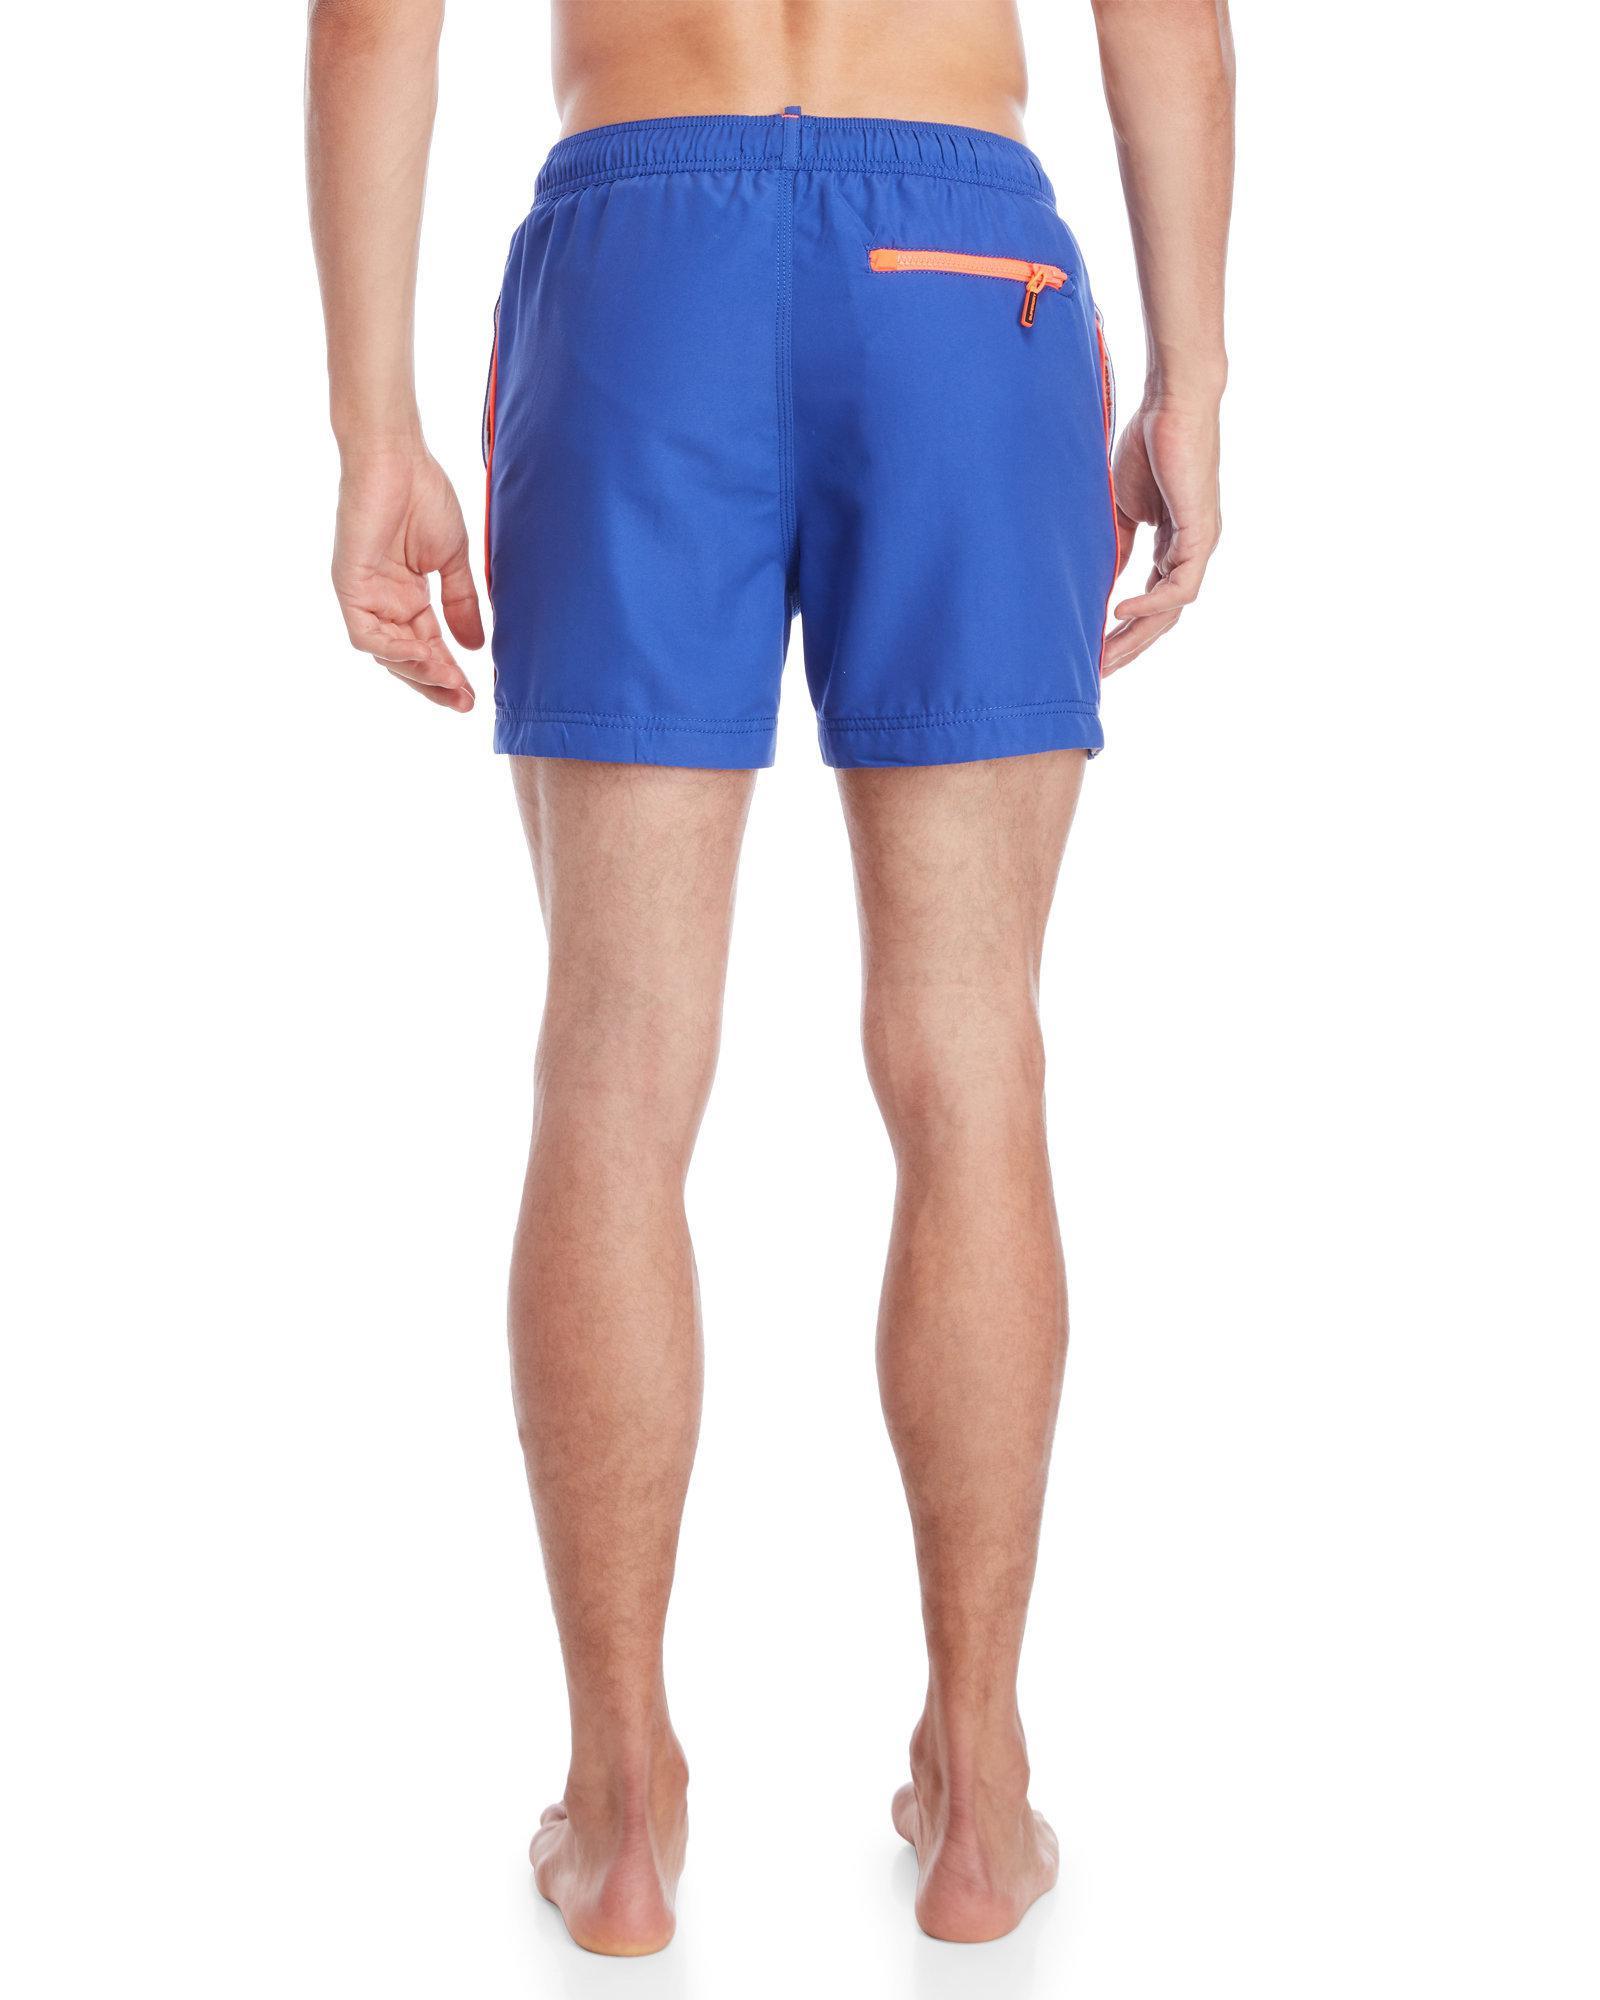 bd3fe4c4b20eb Lyst - Superdry Beach Volley Swim Shorts in Blue for Men